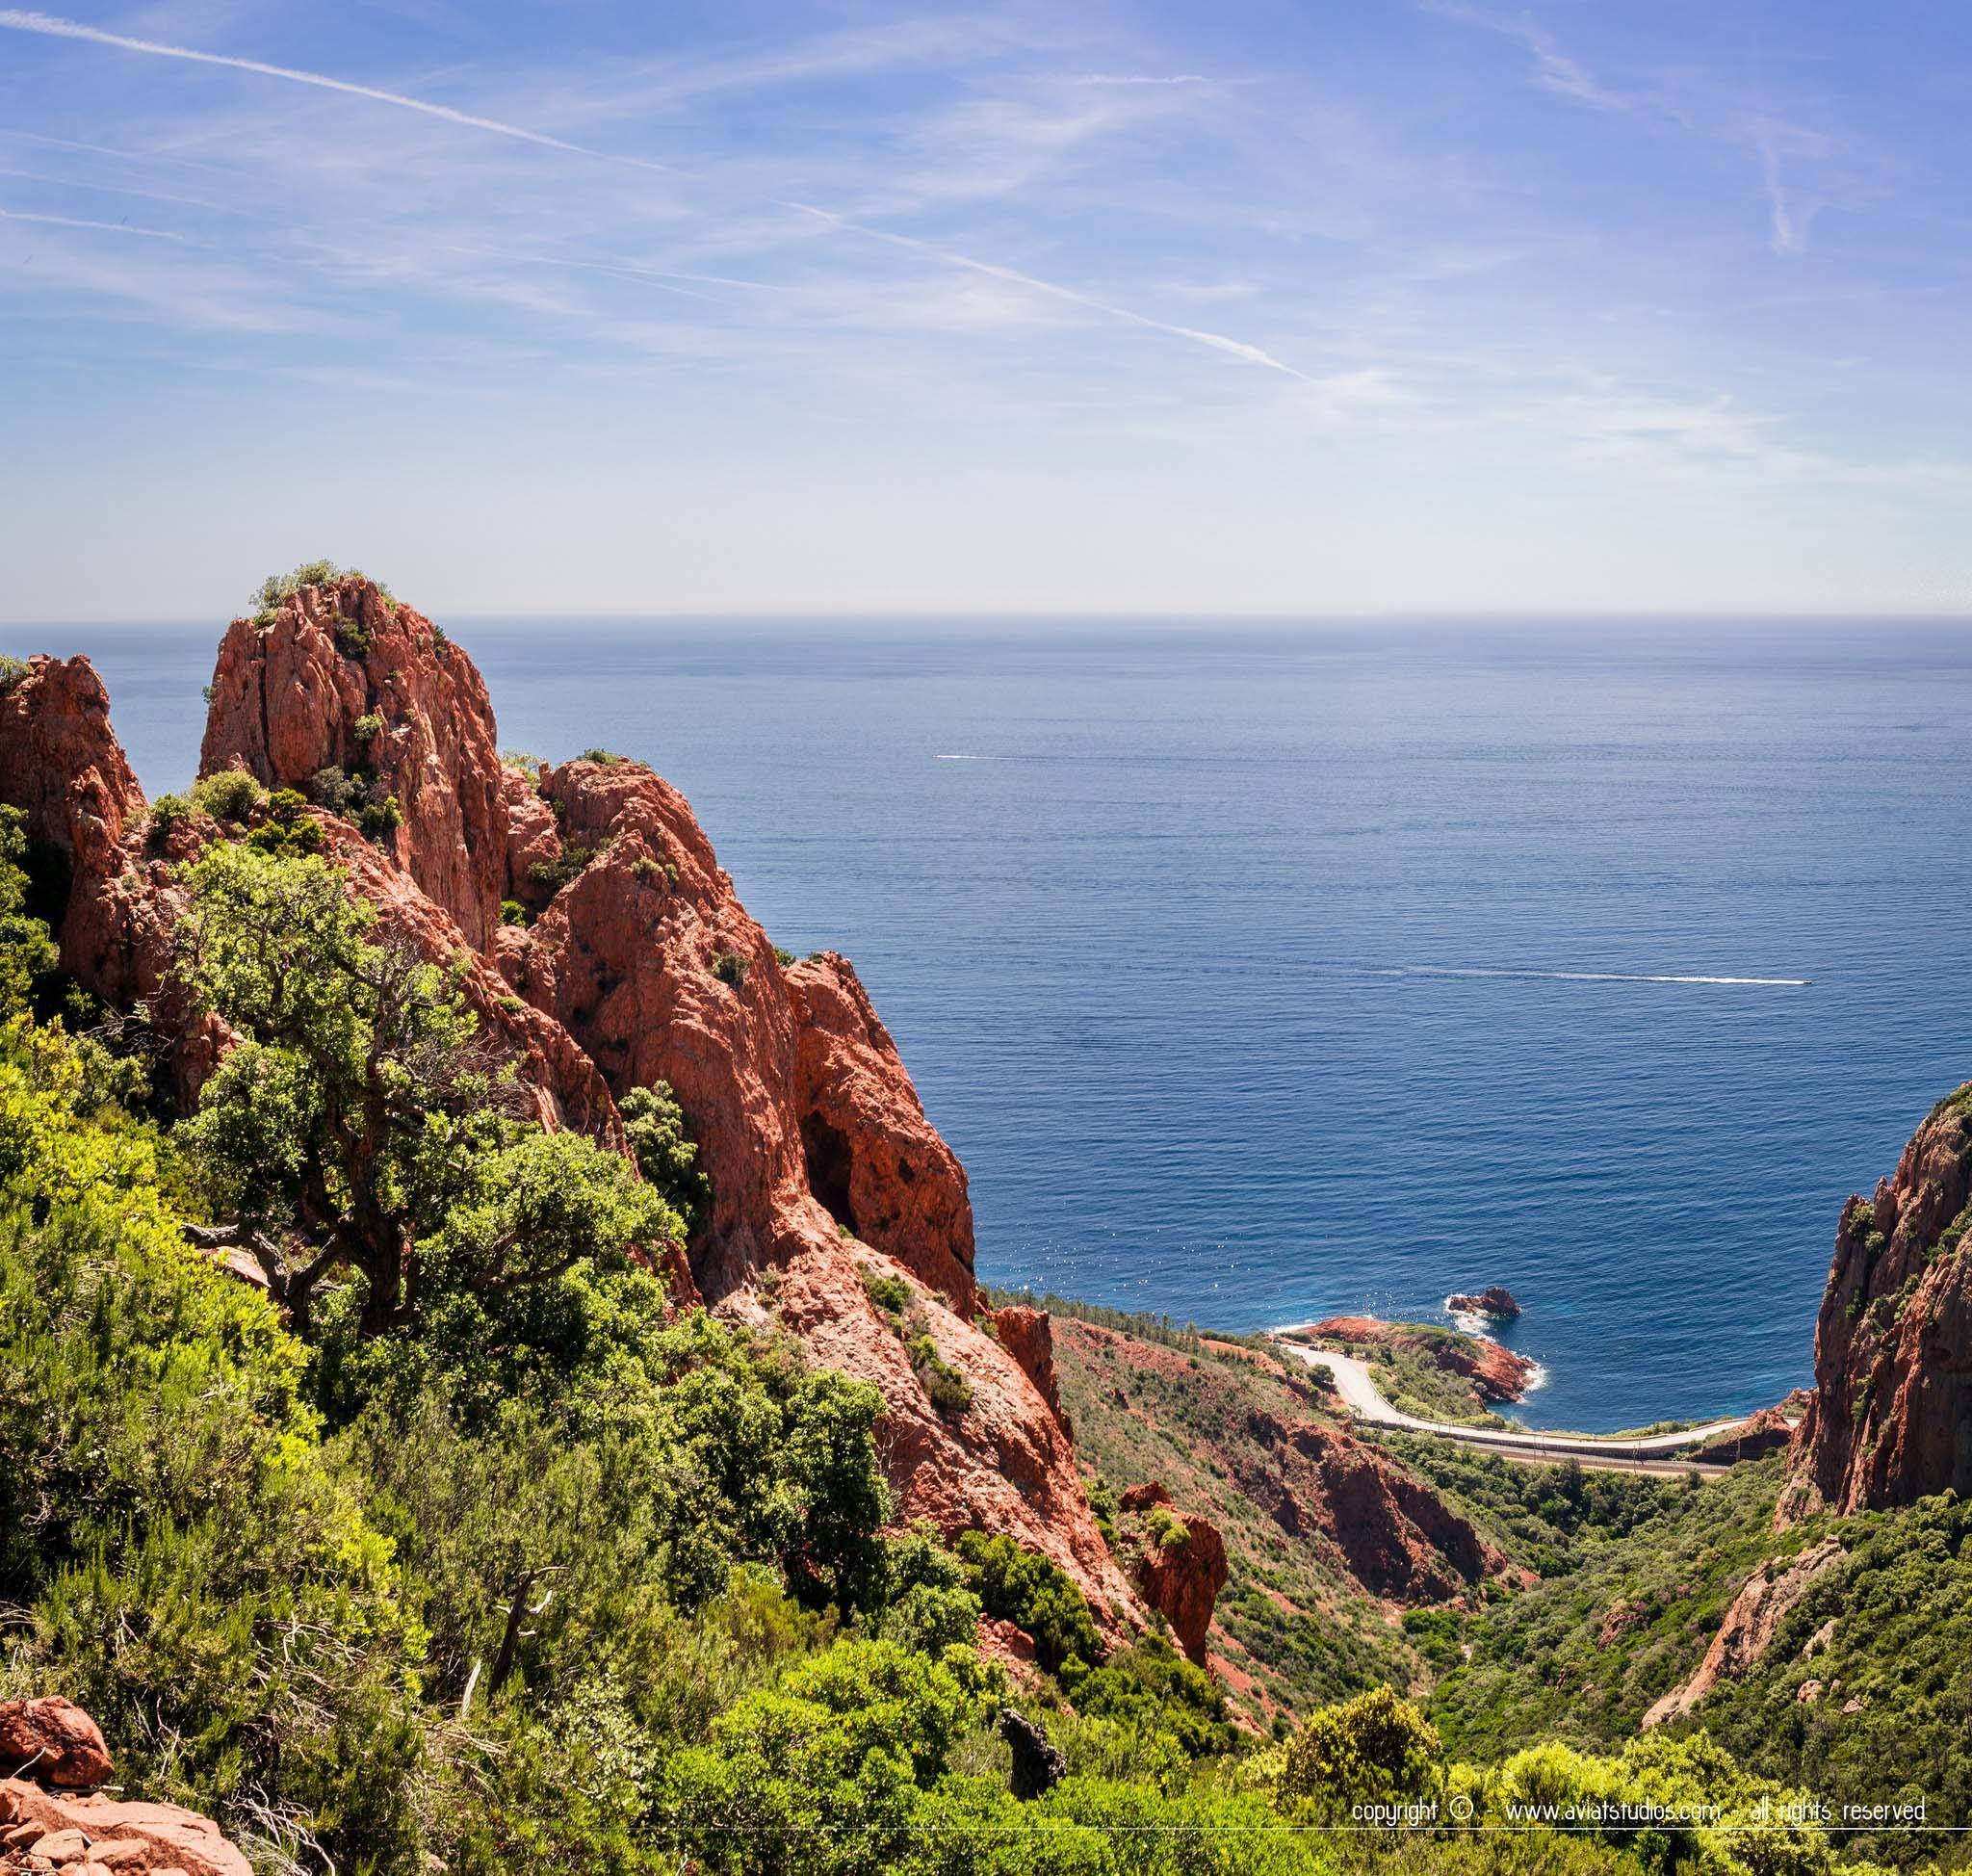 Randonnée dans l'Estérel - aperçu de la route côtière en contrebas qui longe la mer Méditerranée